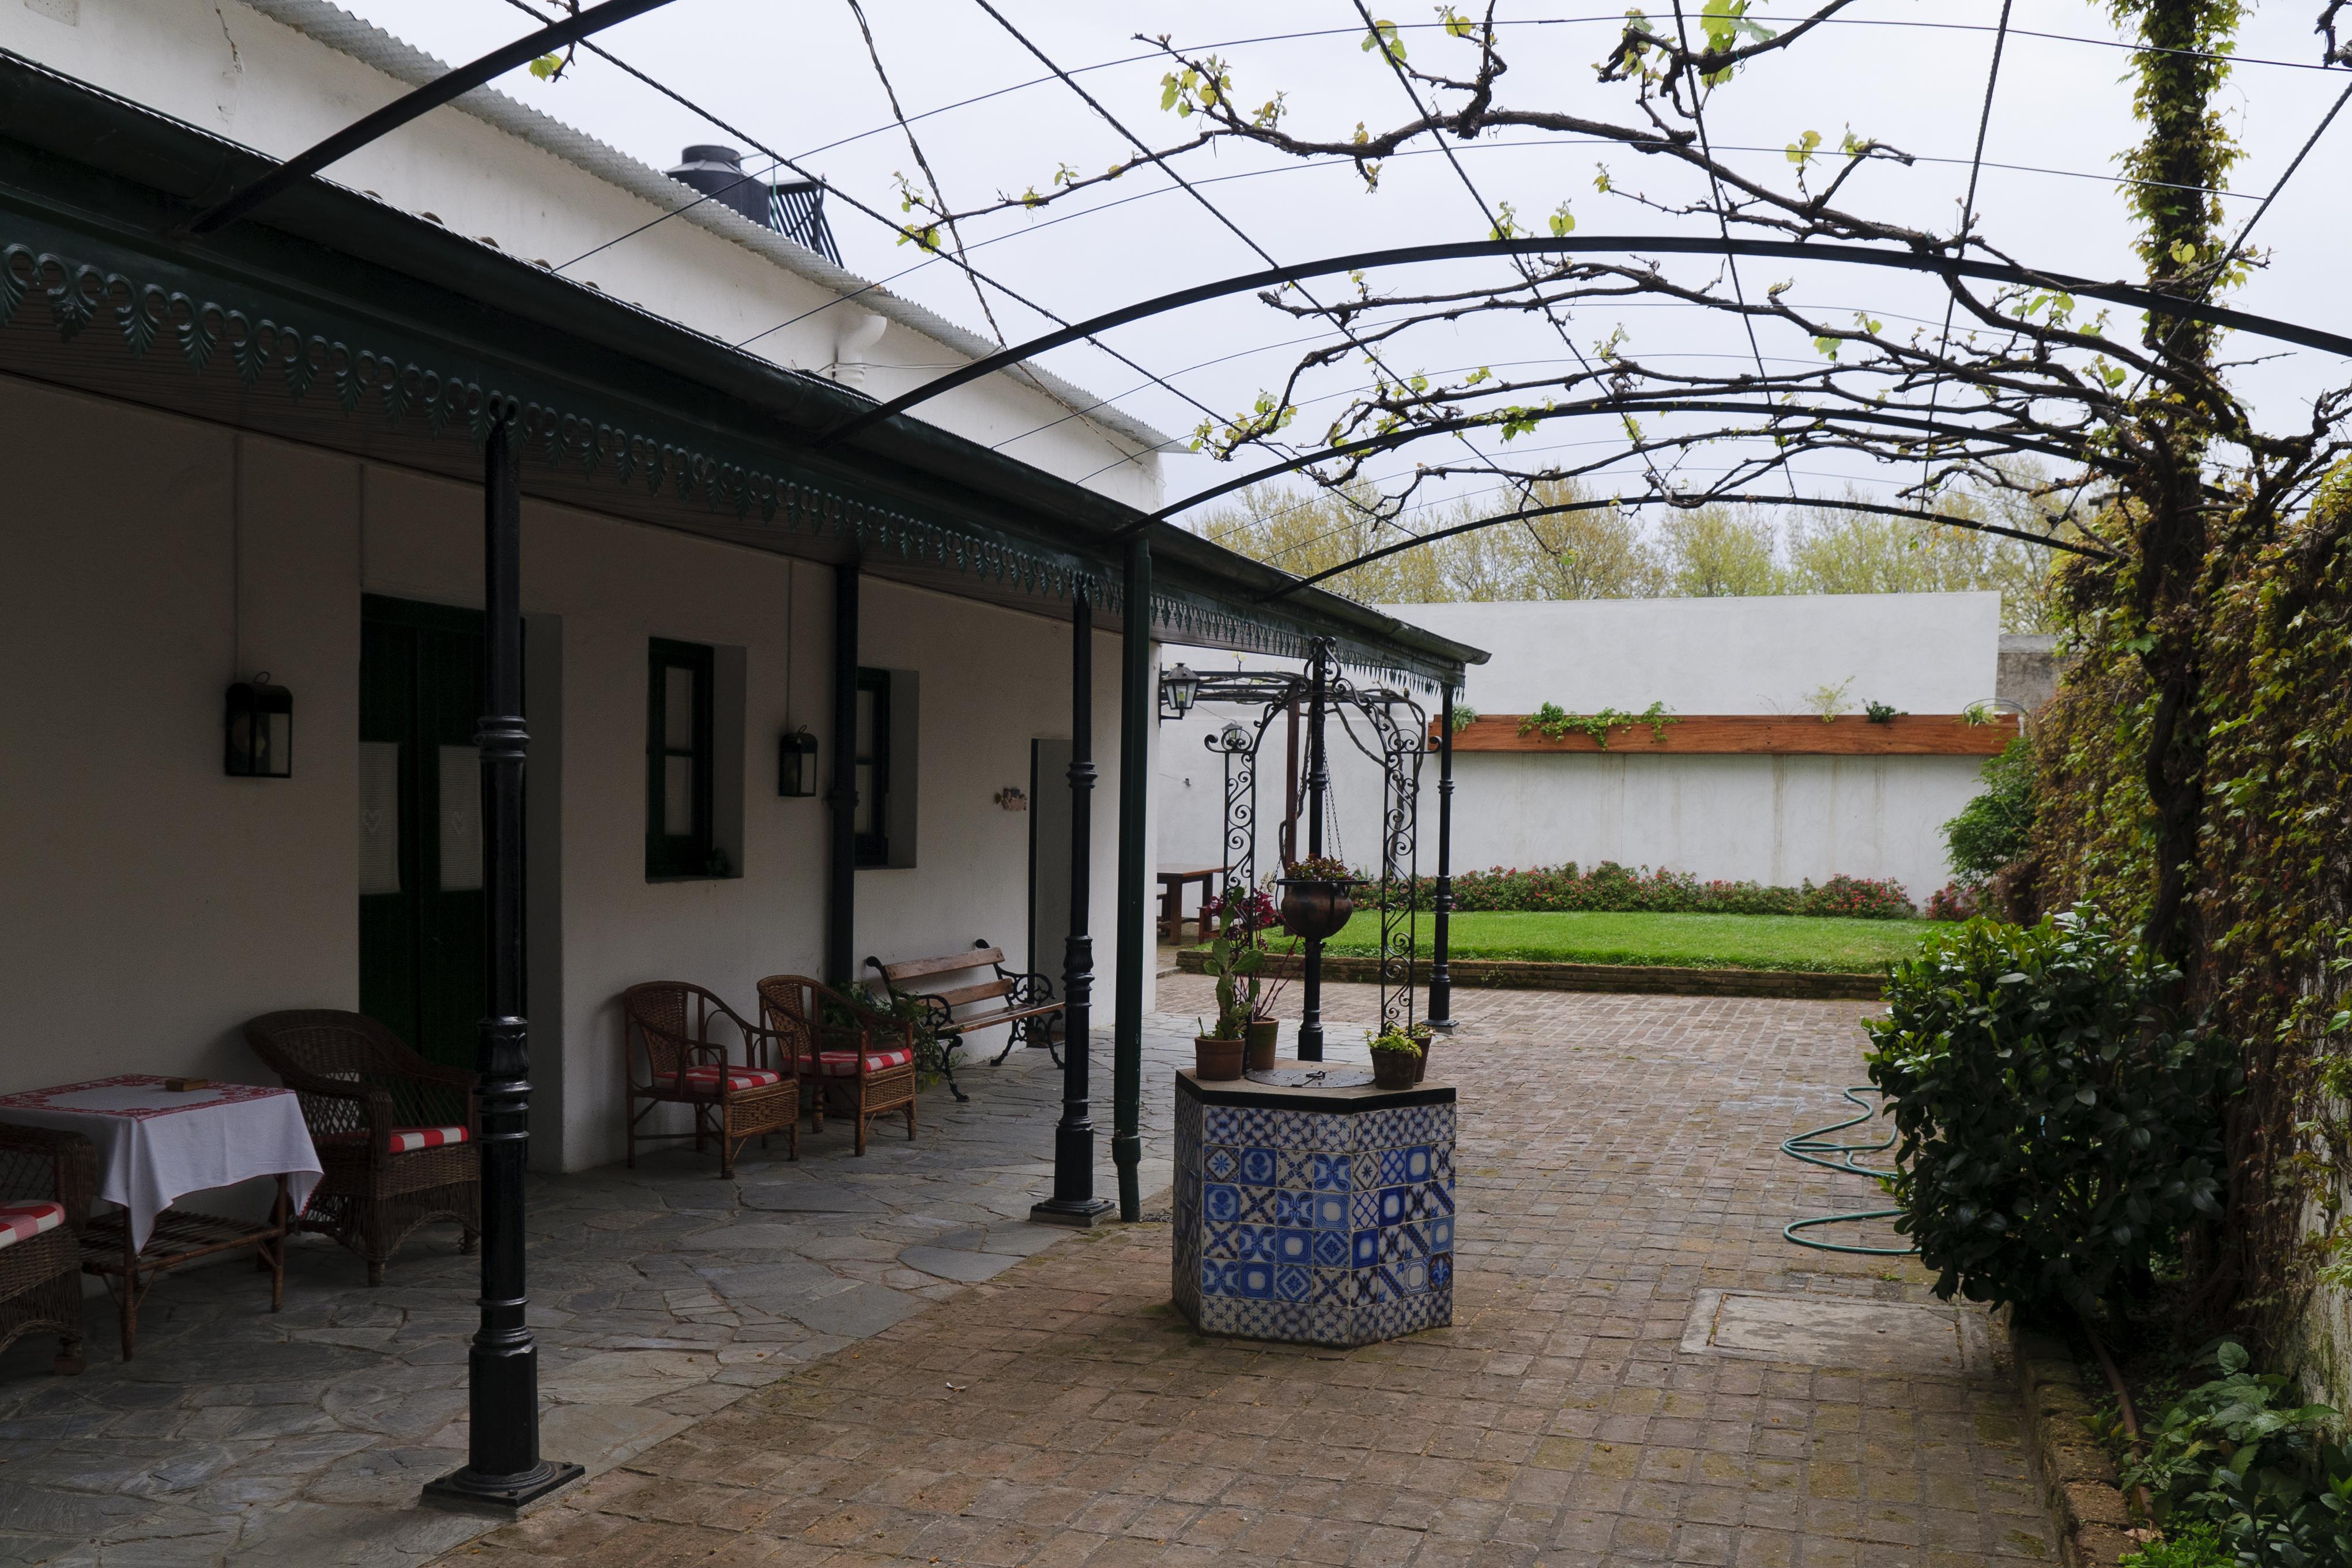 Fotos gratis arquitectura casa edificio caba a patio interior fachada propiedad nikon - Ley propiedad horizontal patio interior ...